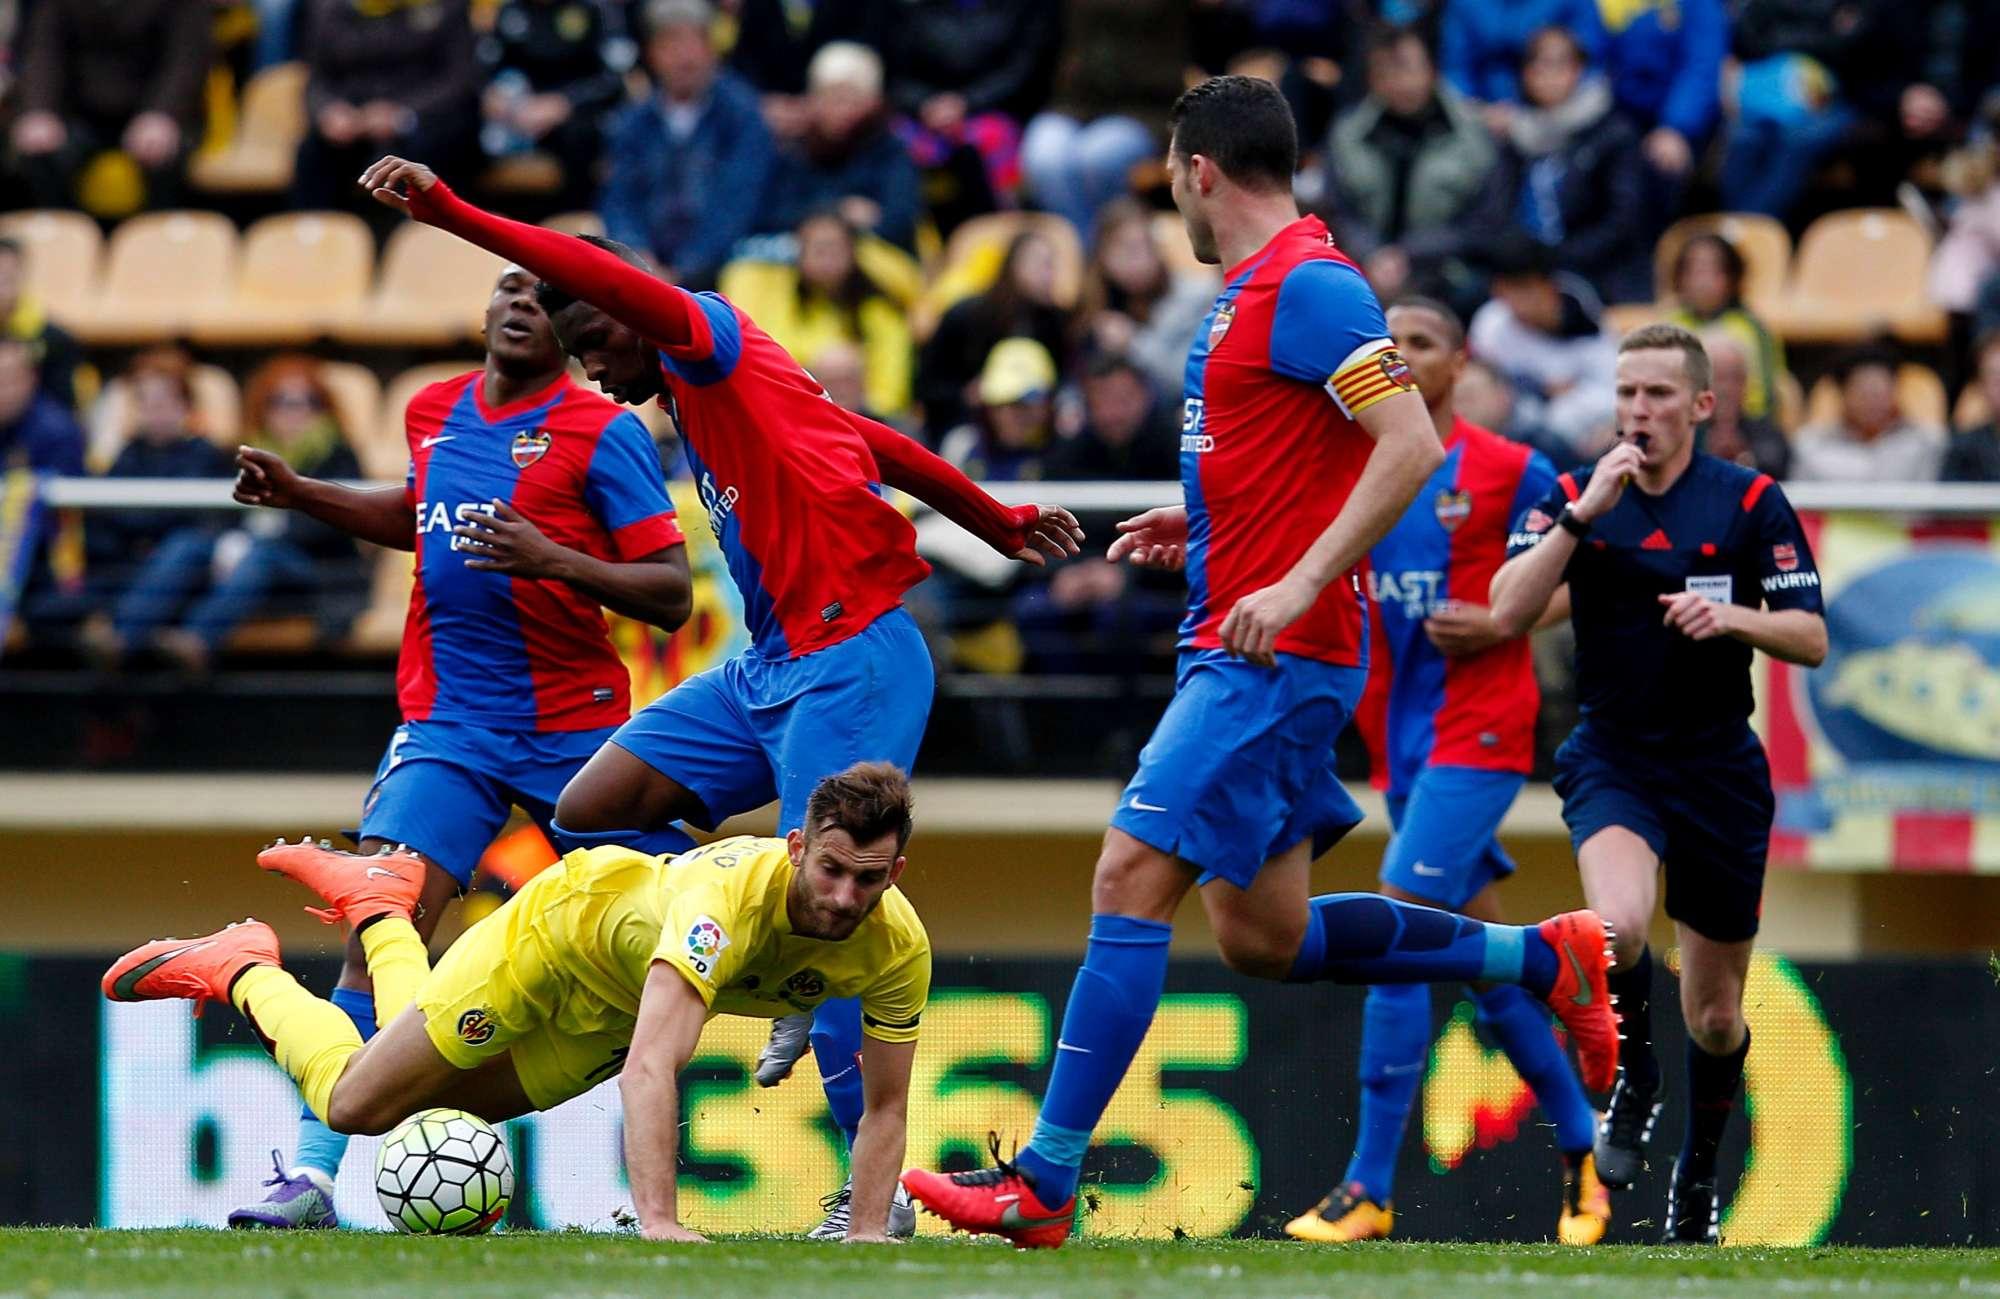 Il Levante, ultimo in classifica, è favorito nel match con l'Espanyol